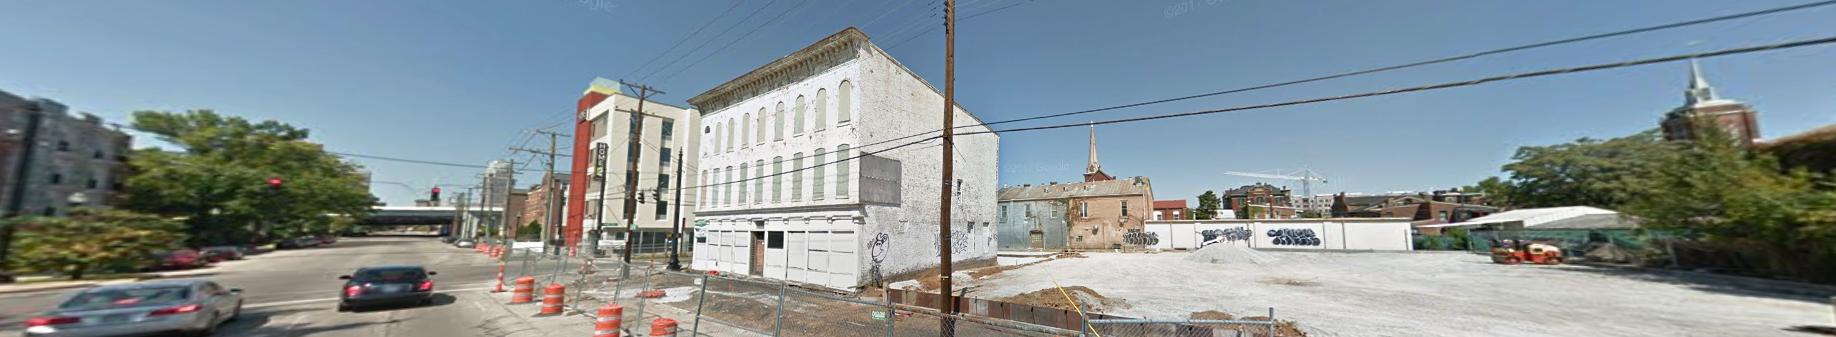 Address: 601 East Jefferson Street, Louisville, Kentucky